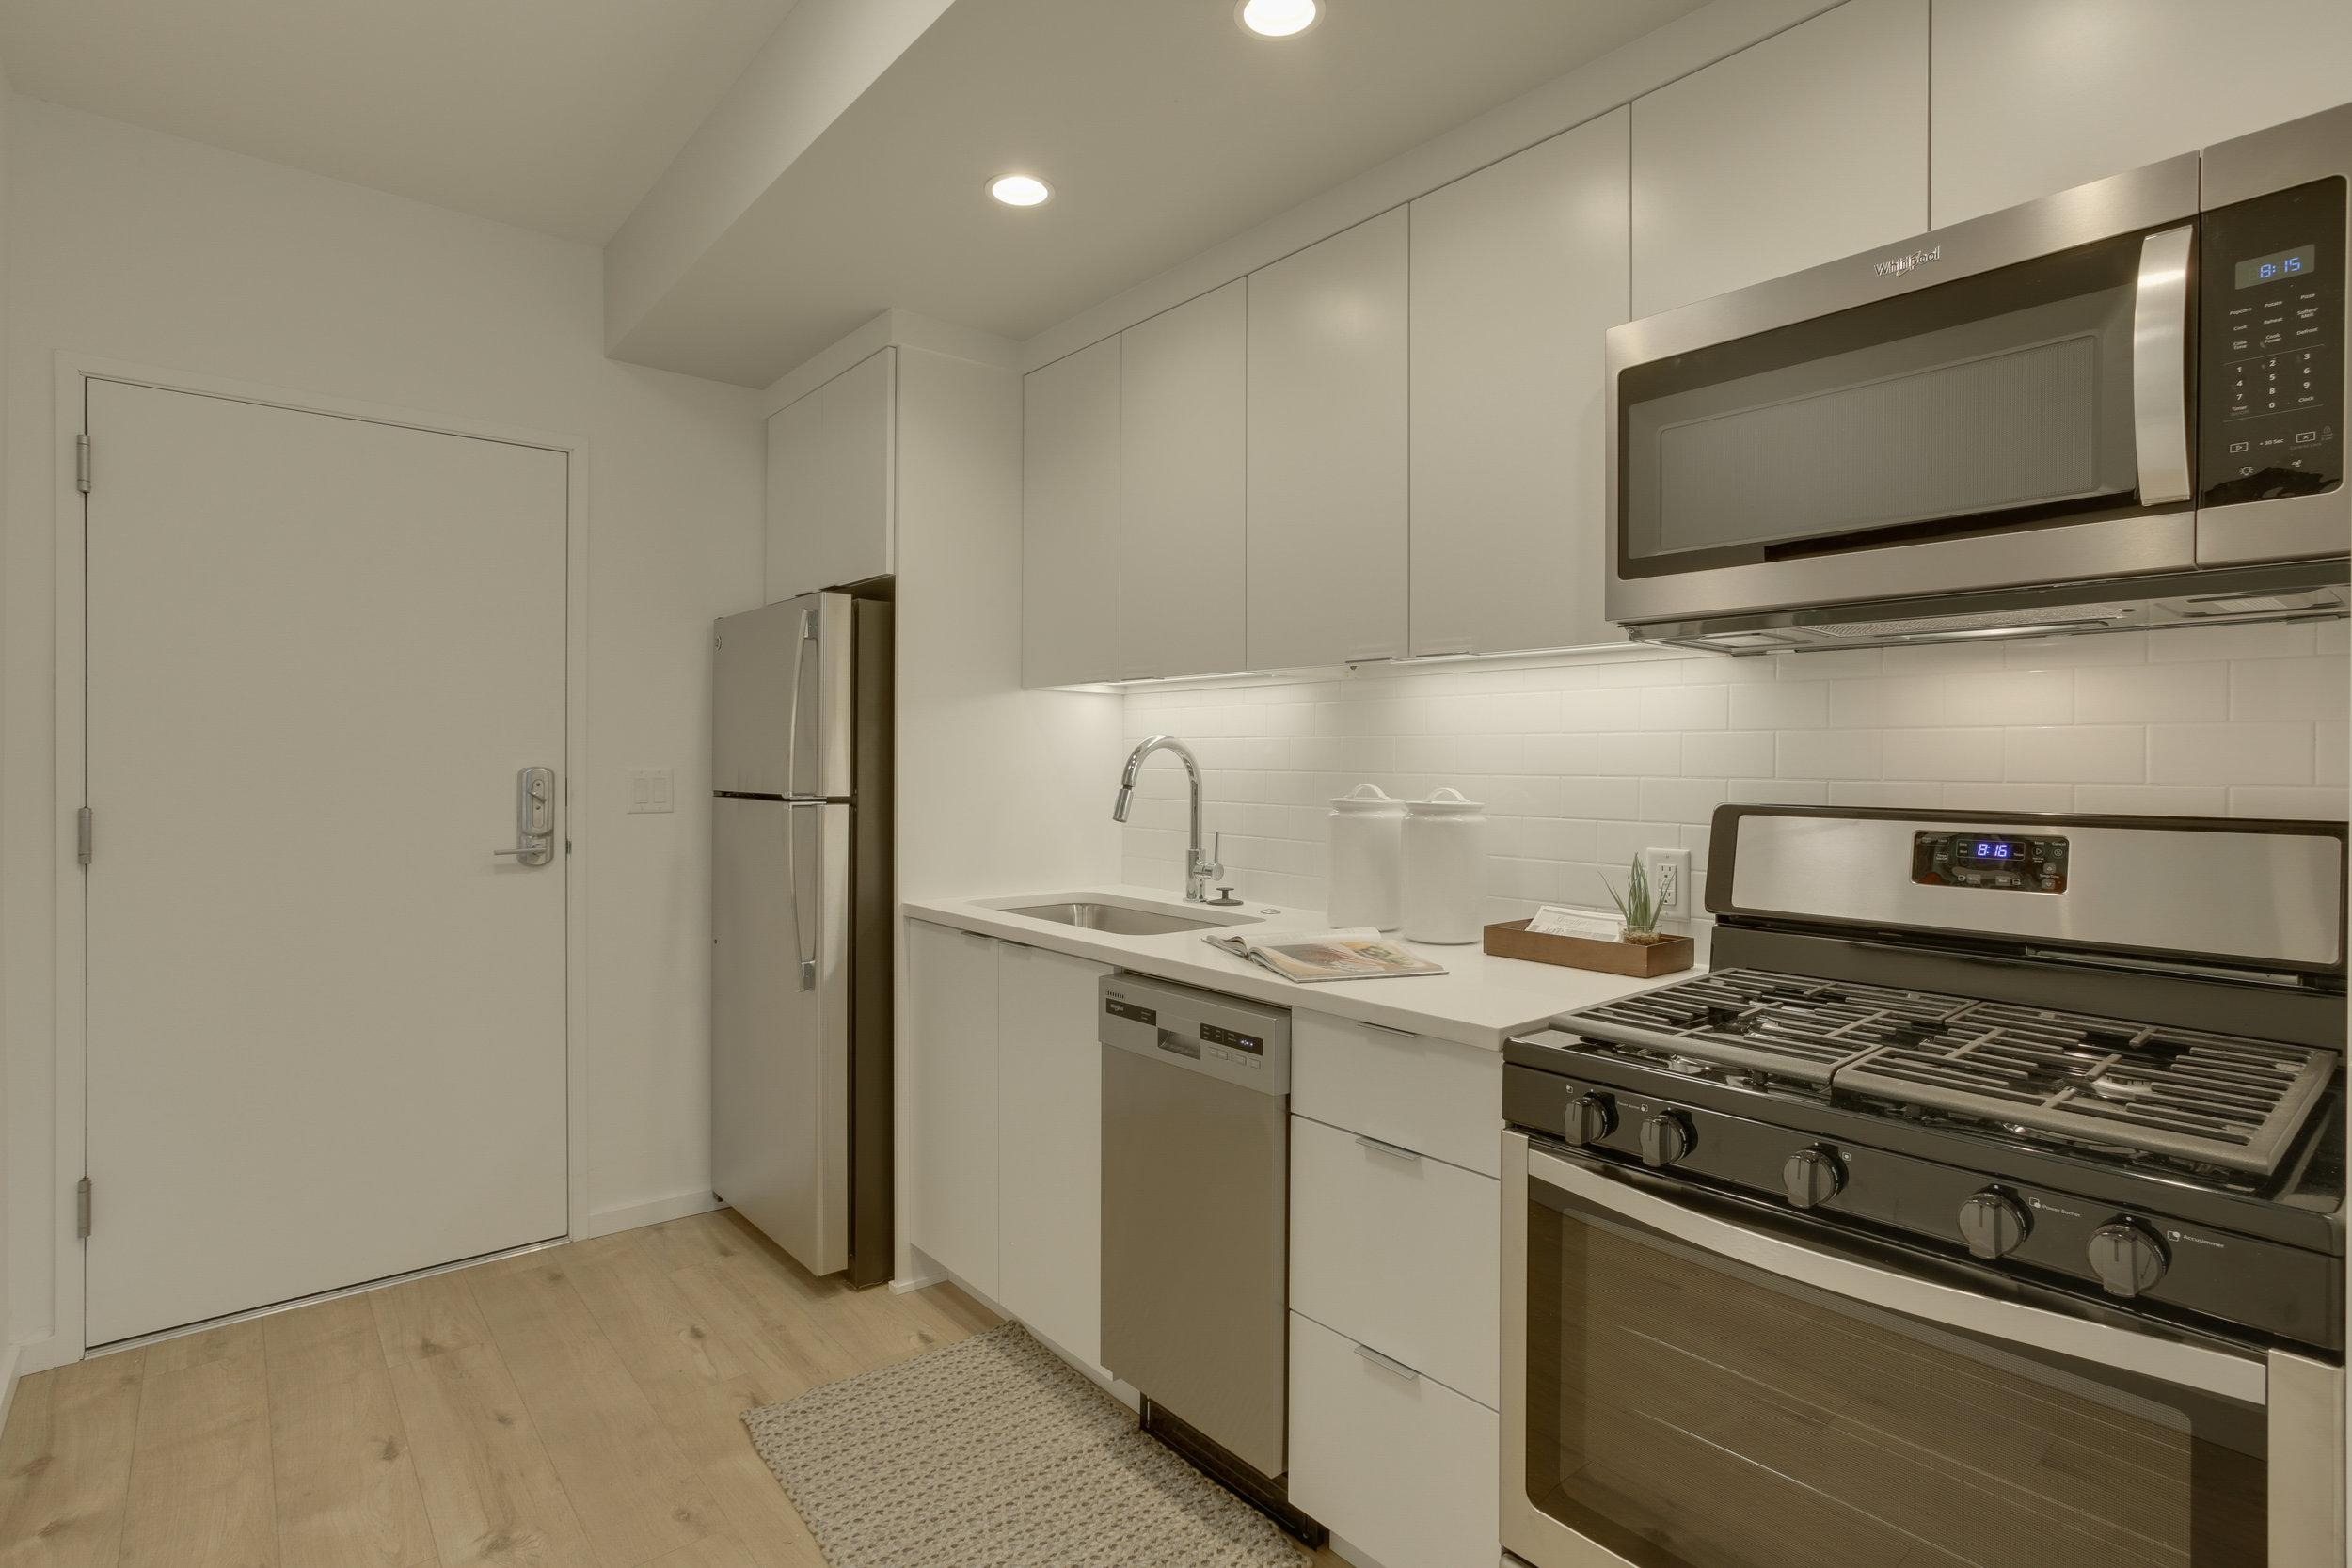 17 kitchen2 102.jpg